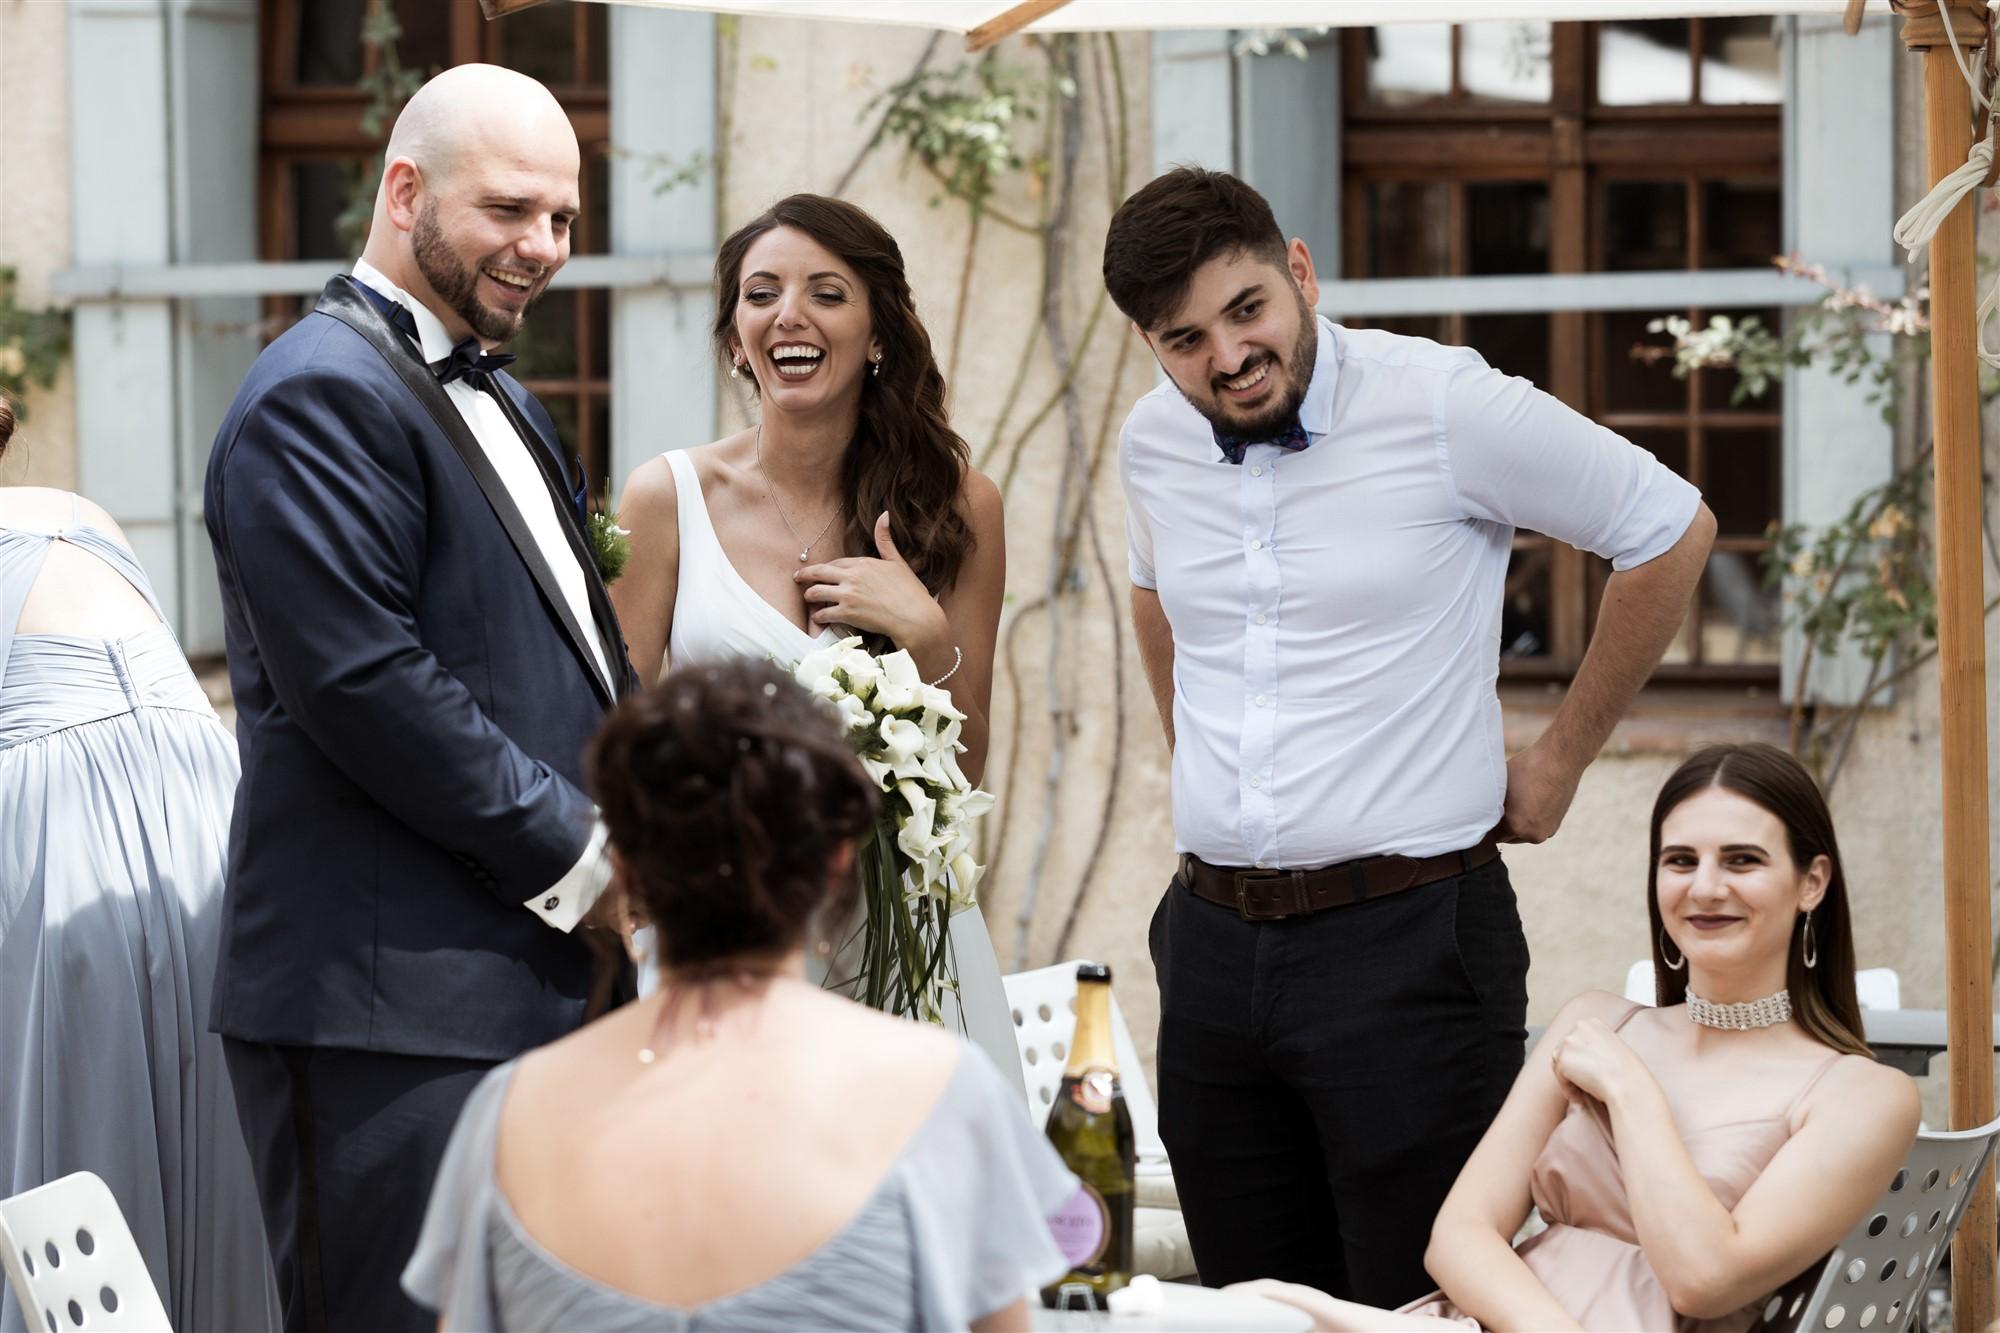 Hochzeit Schloss Wildenstein - Das Brautpaar und die Familie beim Apero